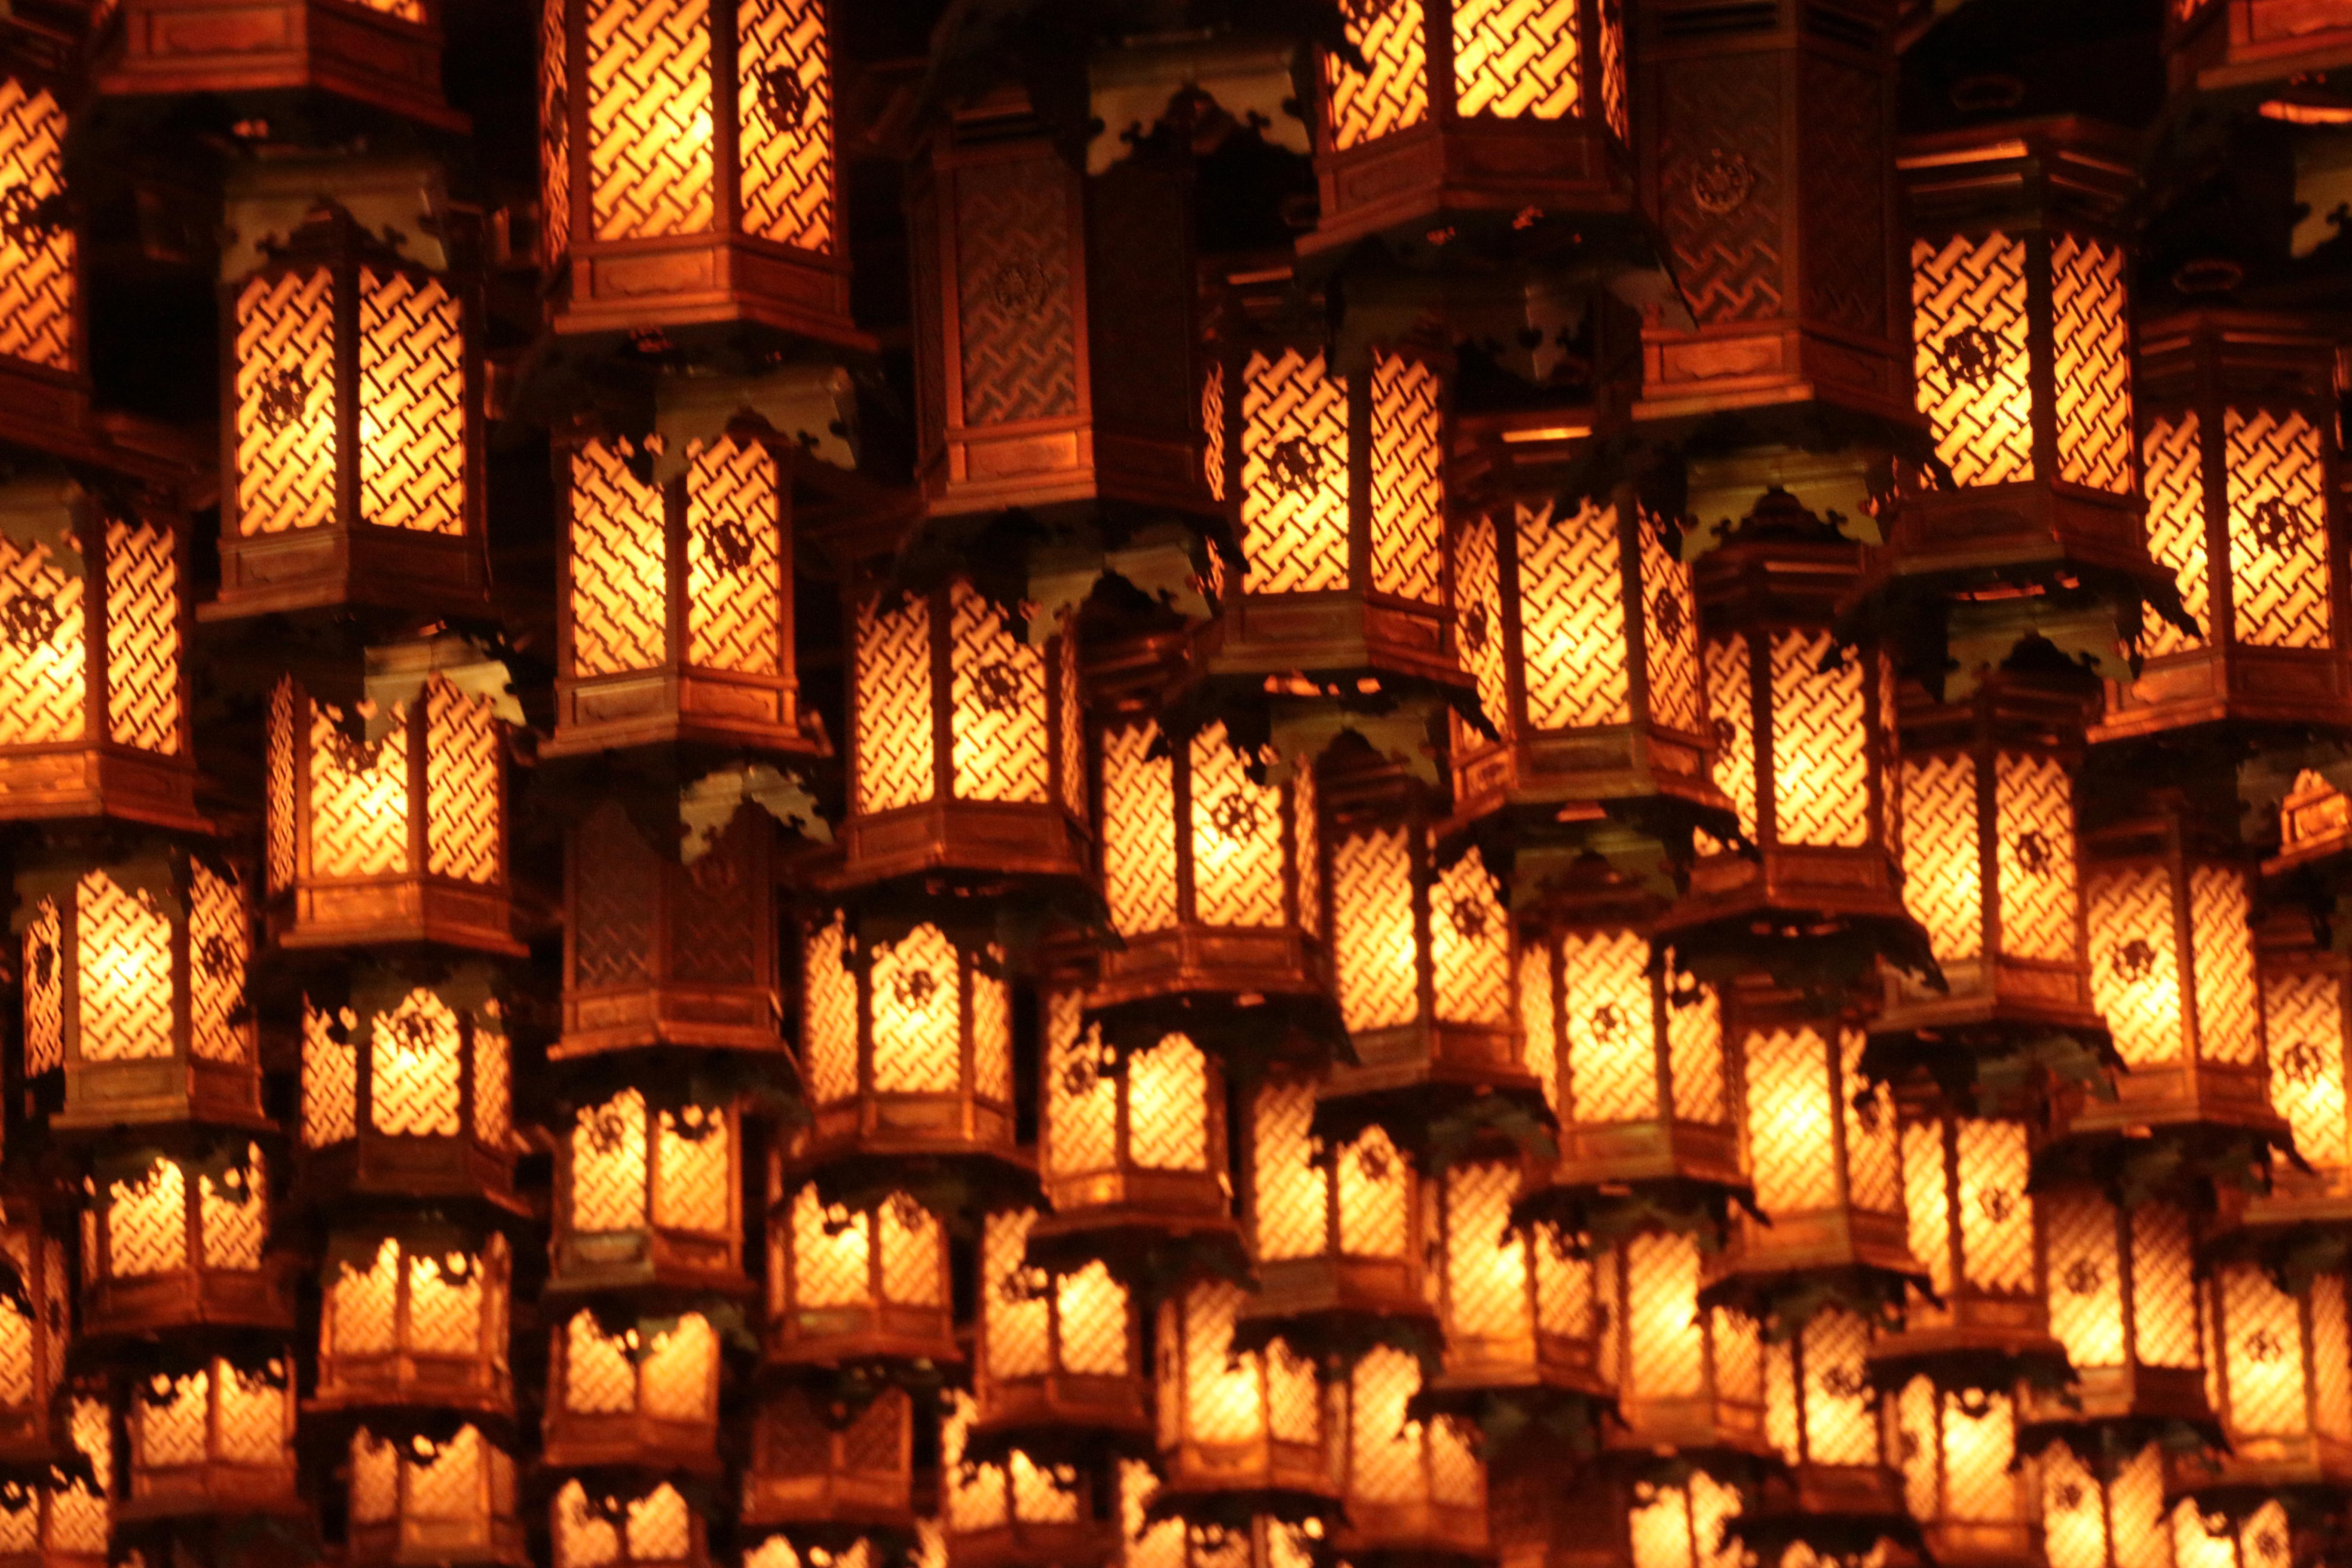 Images Gratuites Lumiere Bois Nuit Voyage Modele Lanterne